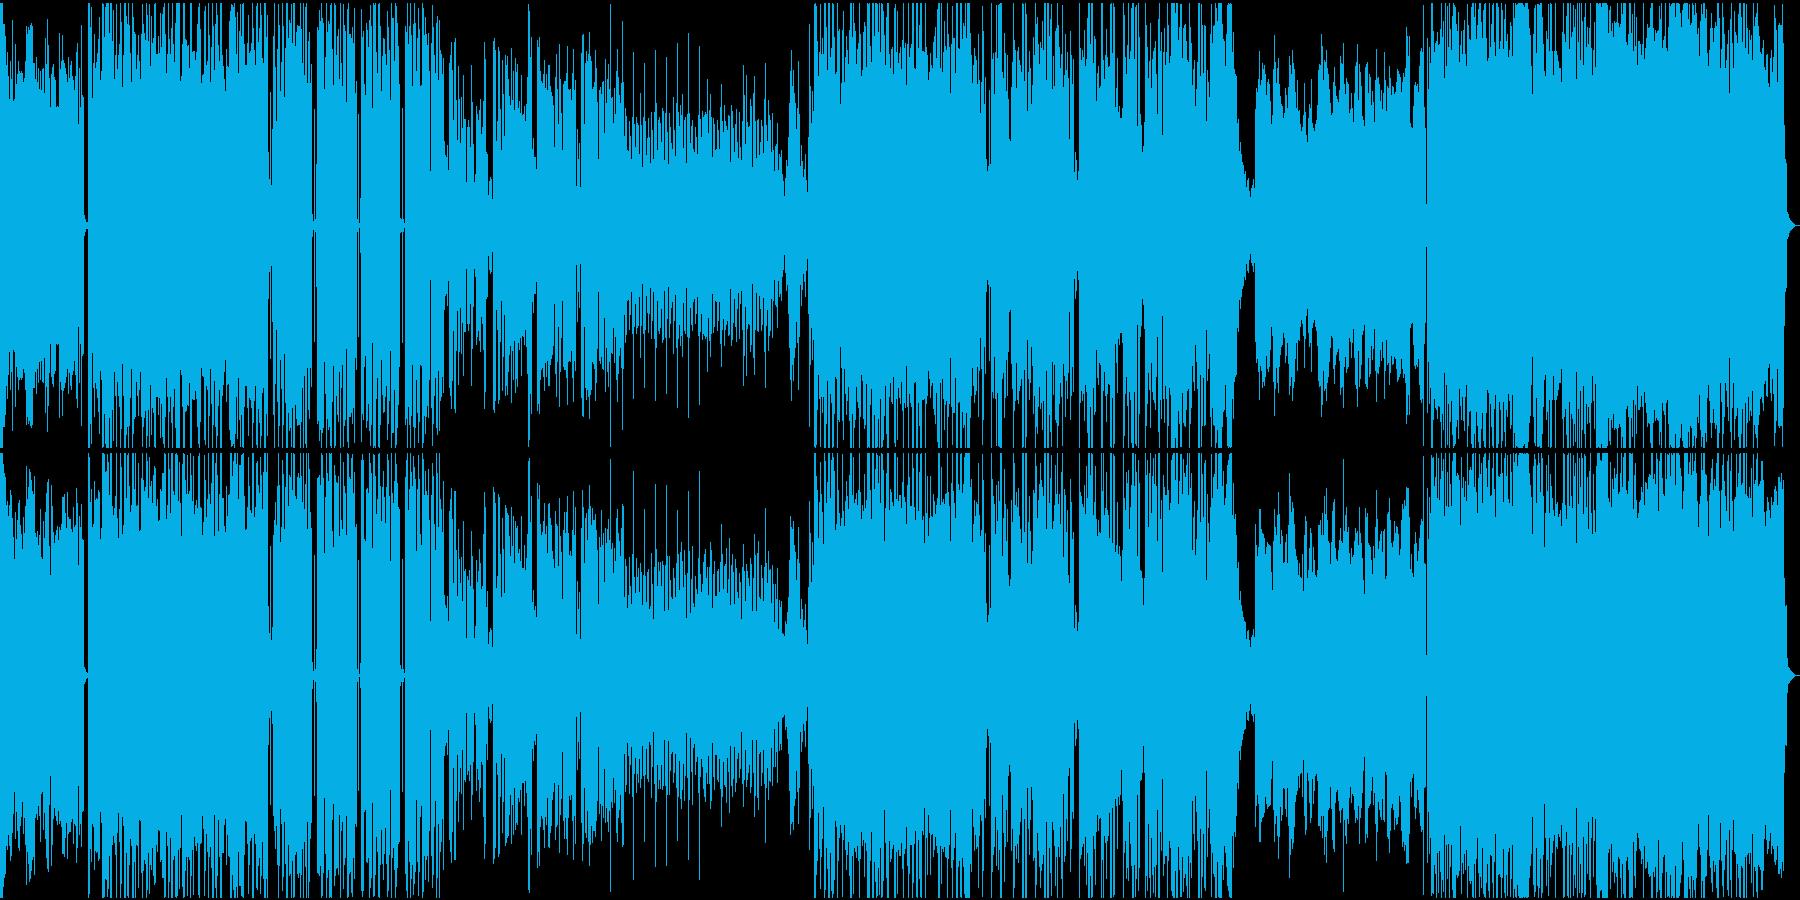 ロックテイストなトラップビートの再生済みの波形